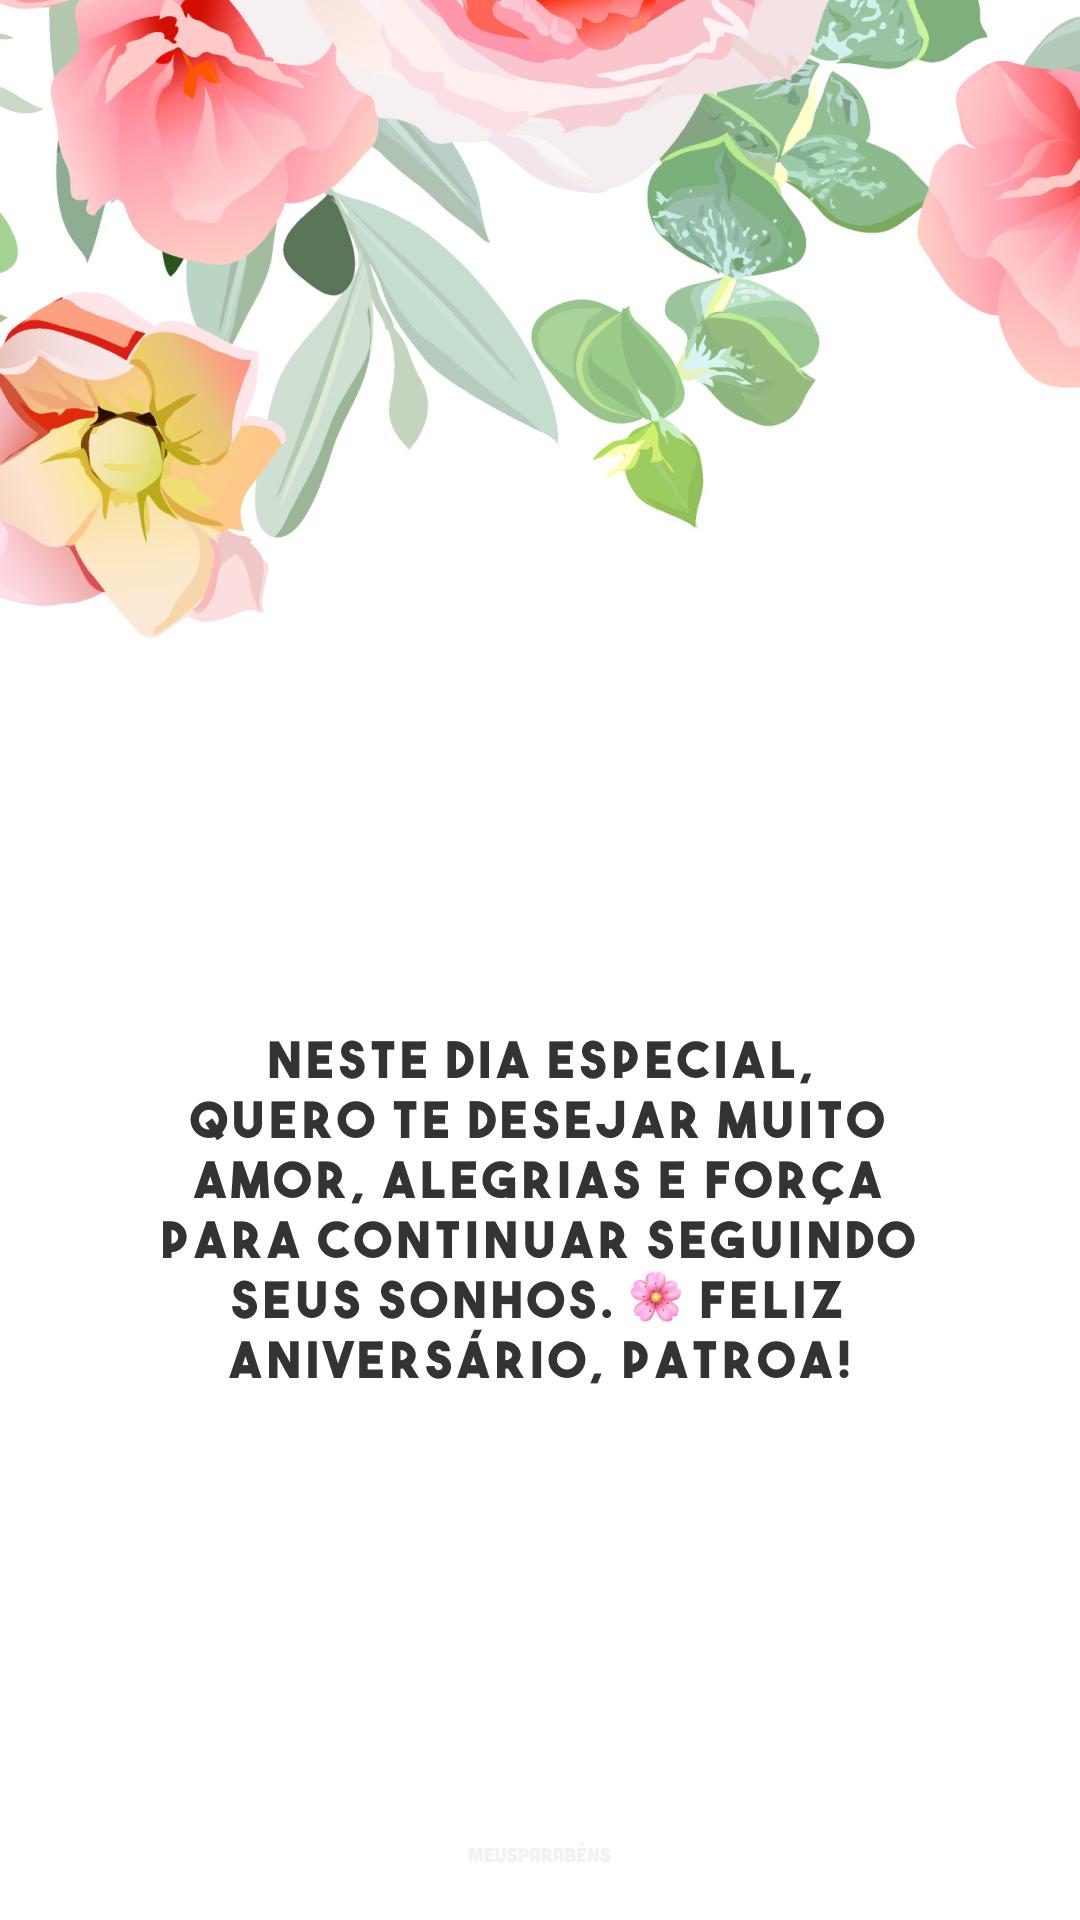 Neste dia especial, quero te desejar muito amor, alegrias e força para continuar seguindo seus sonhos. 🌸 Feliz aniversário, patroa!